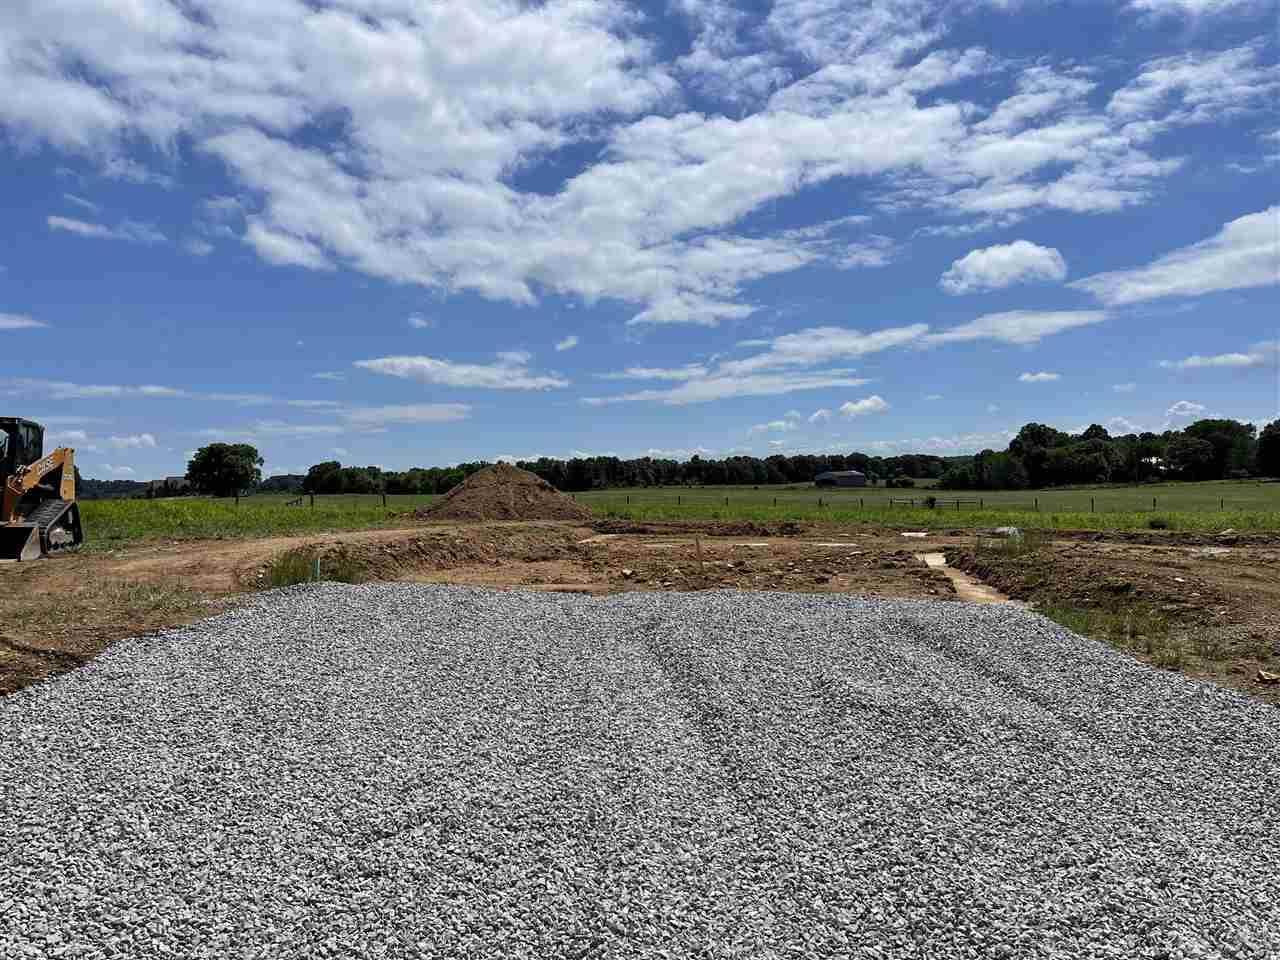 Lot 28 Sun Drive - Photo 1